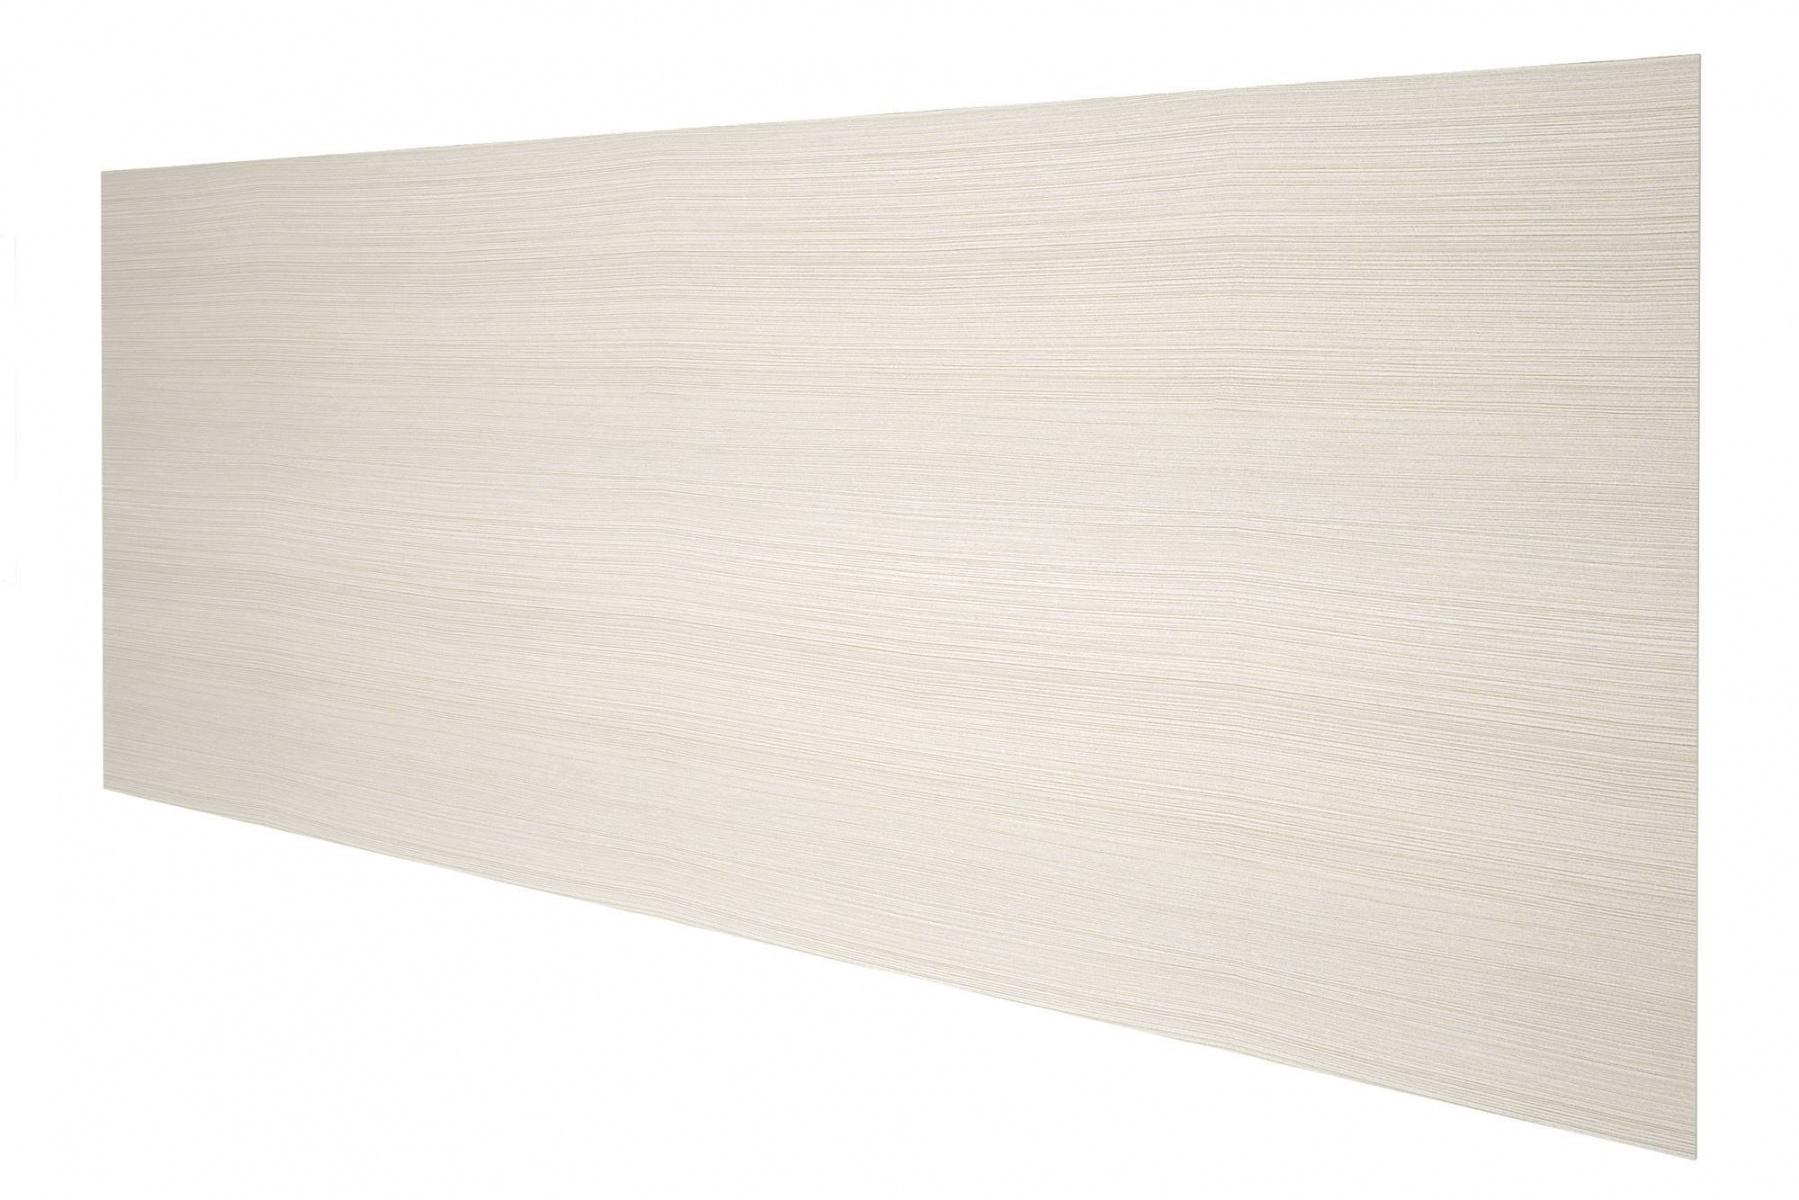 Стеновая панель 305*60 Риголетто светлый 142М стеновая панель sp 021